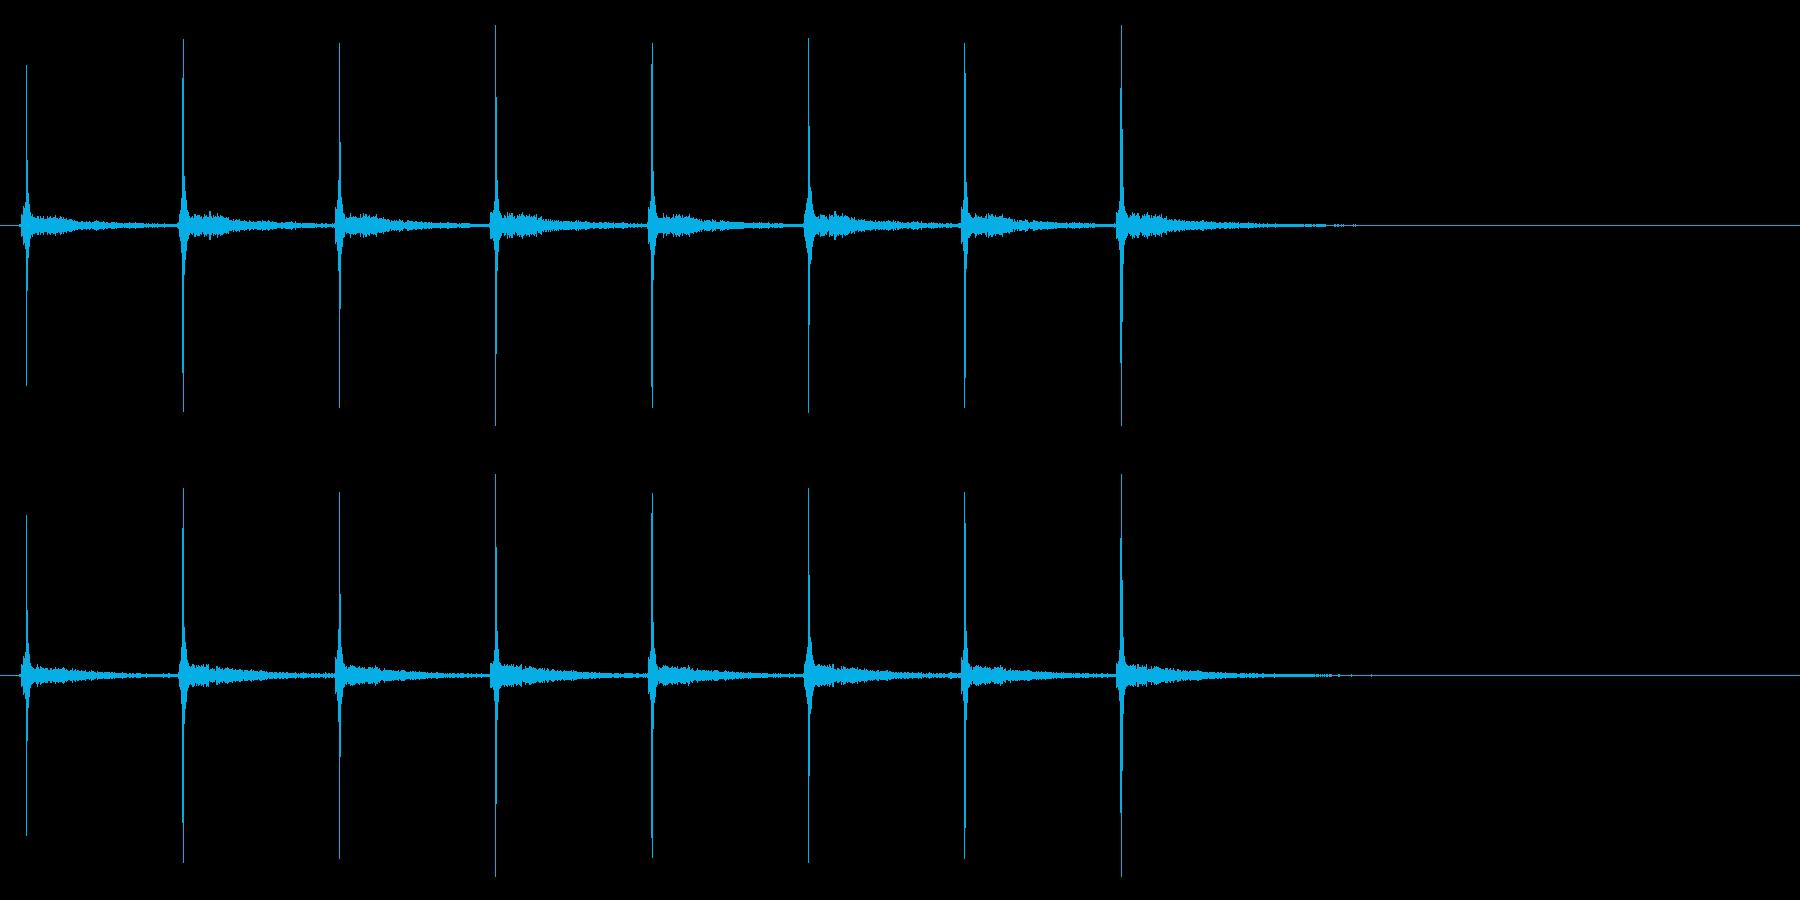 時計 秒針02-8(リバーブ 2)の再生済みの波形